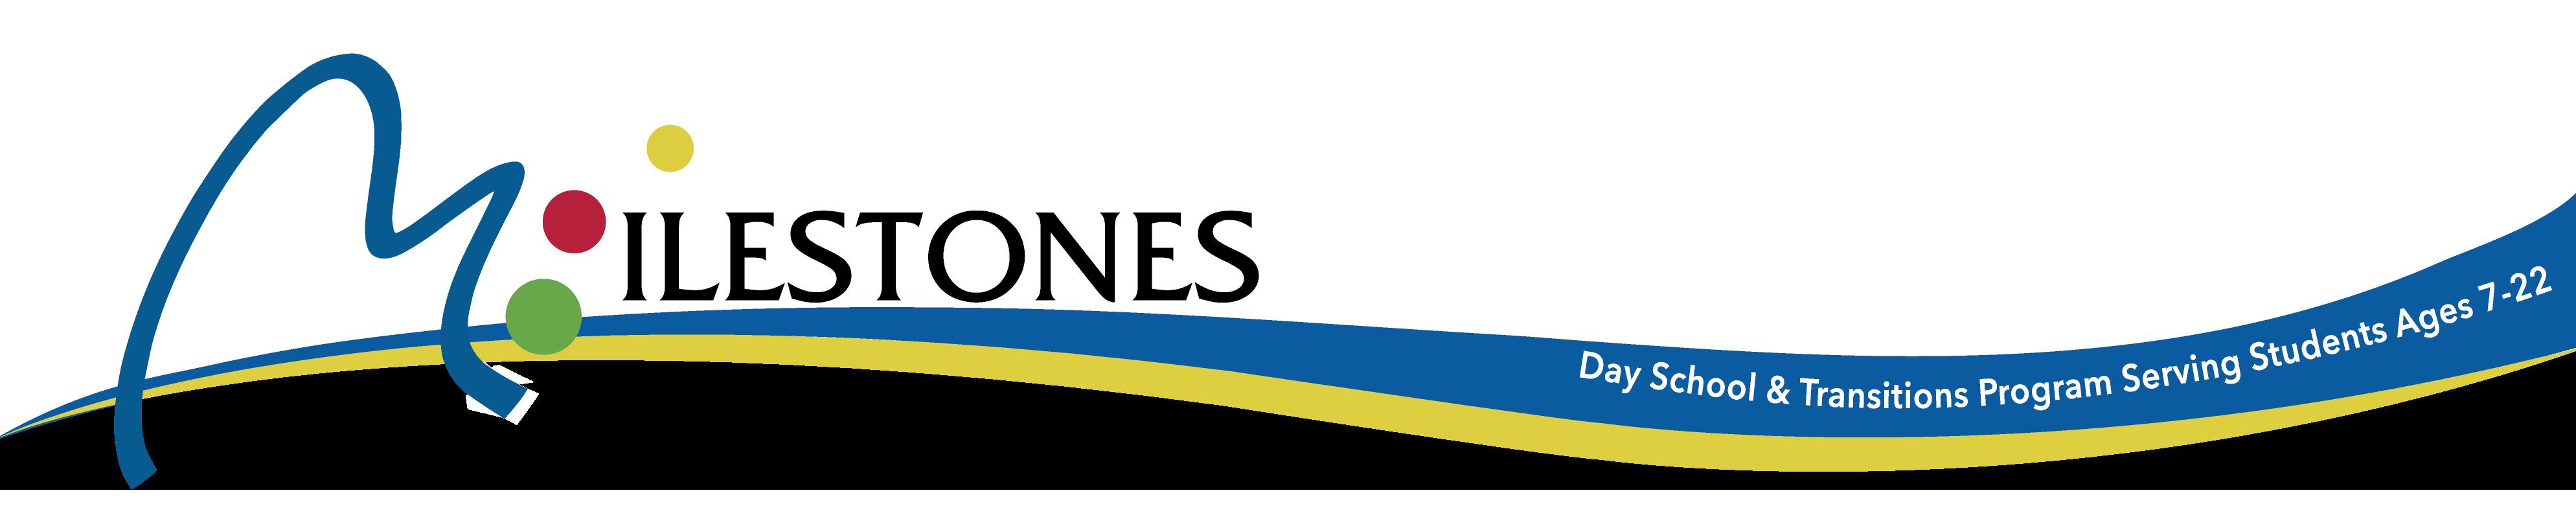 Milestones Day School